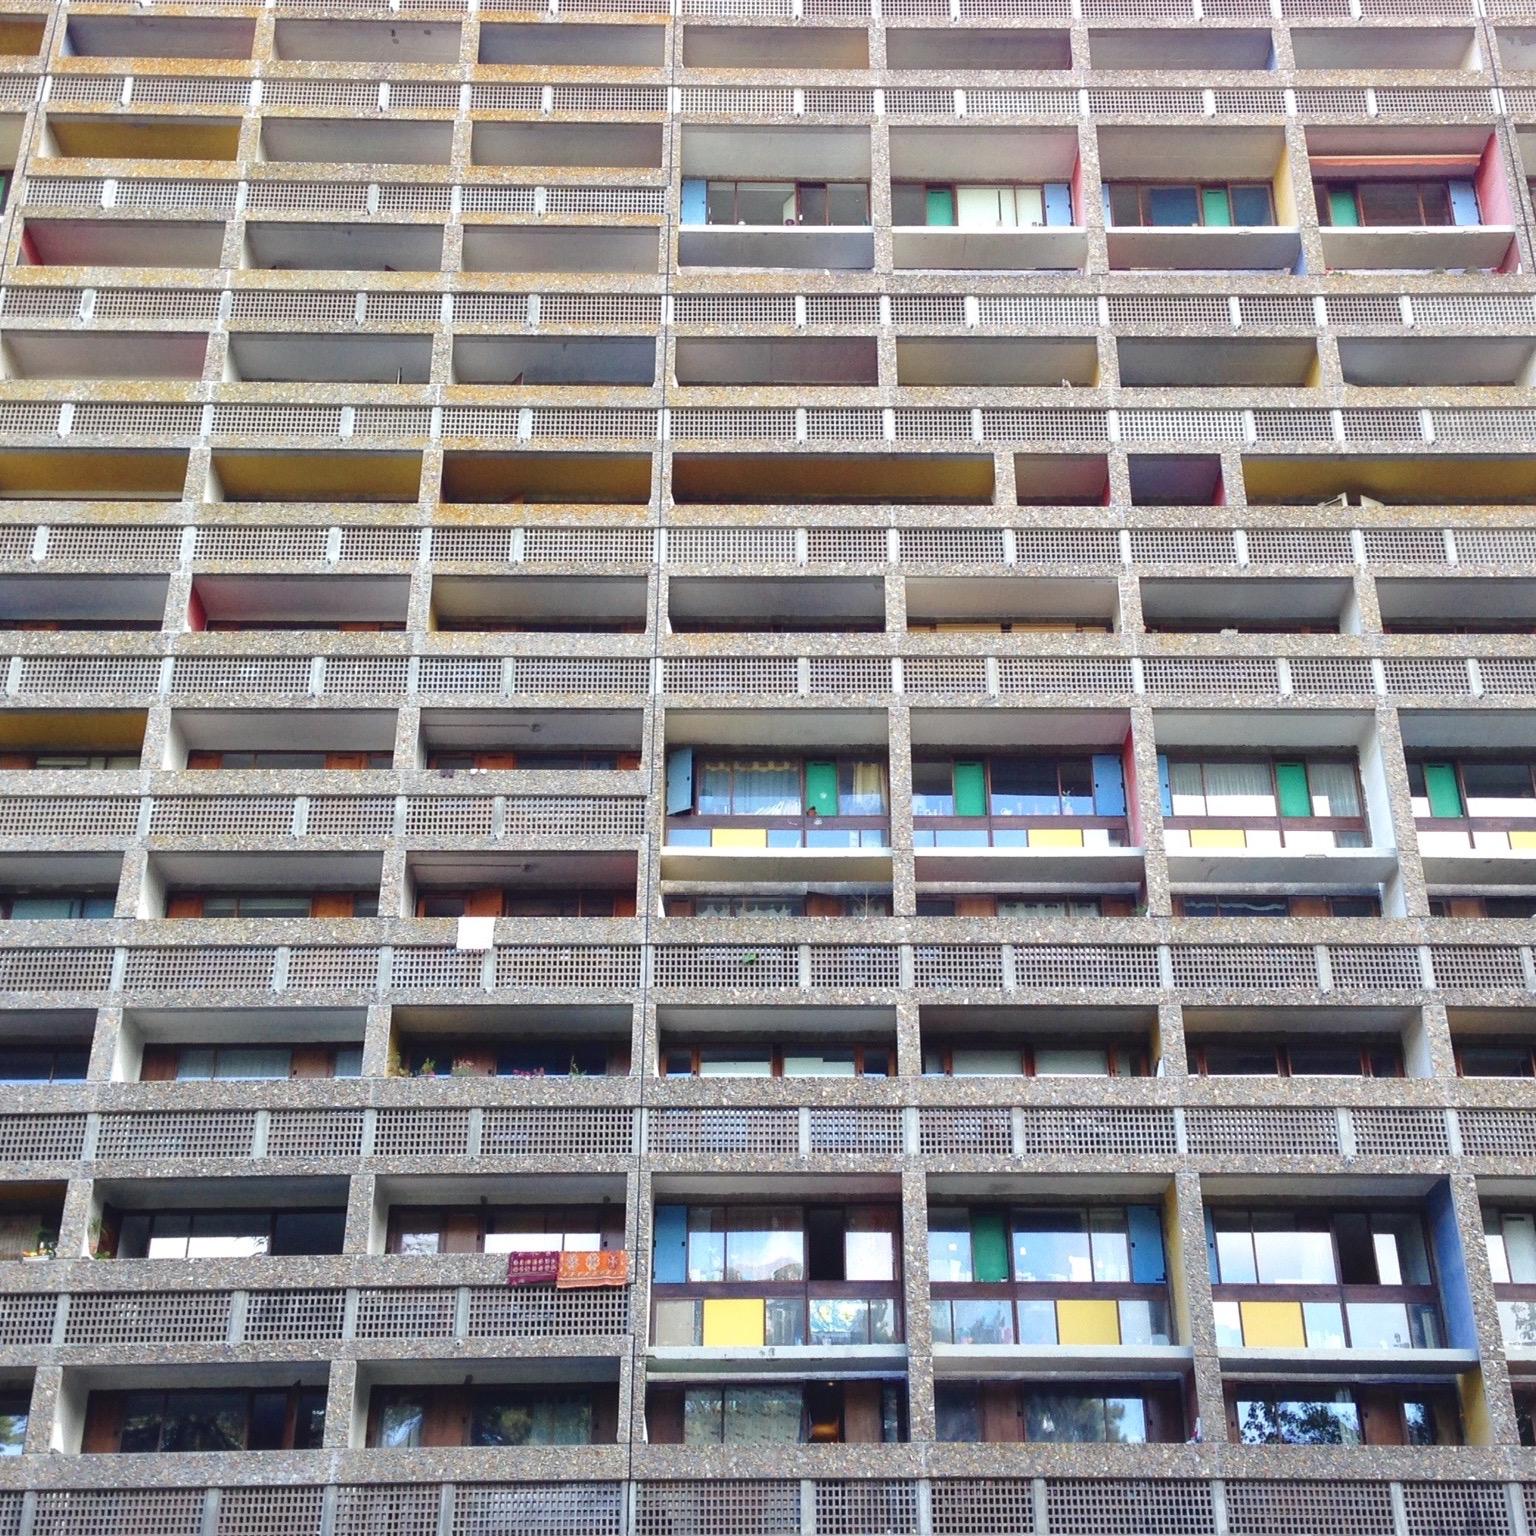 Une des façades colorées de l'immeuble.